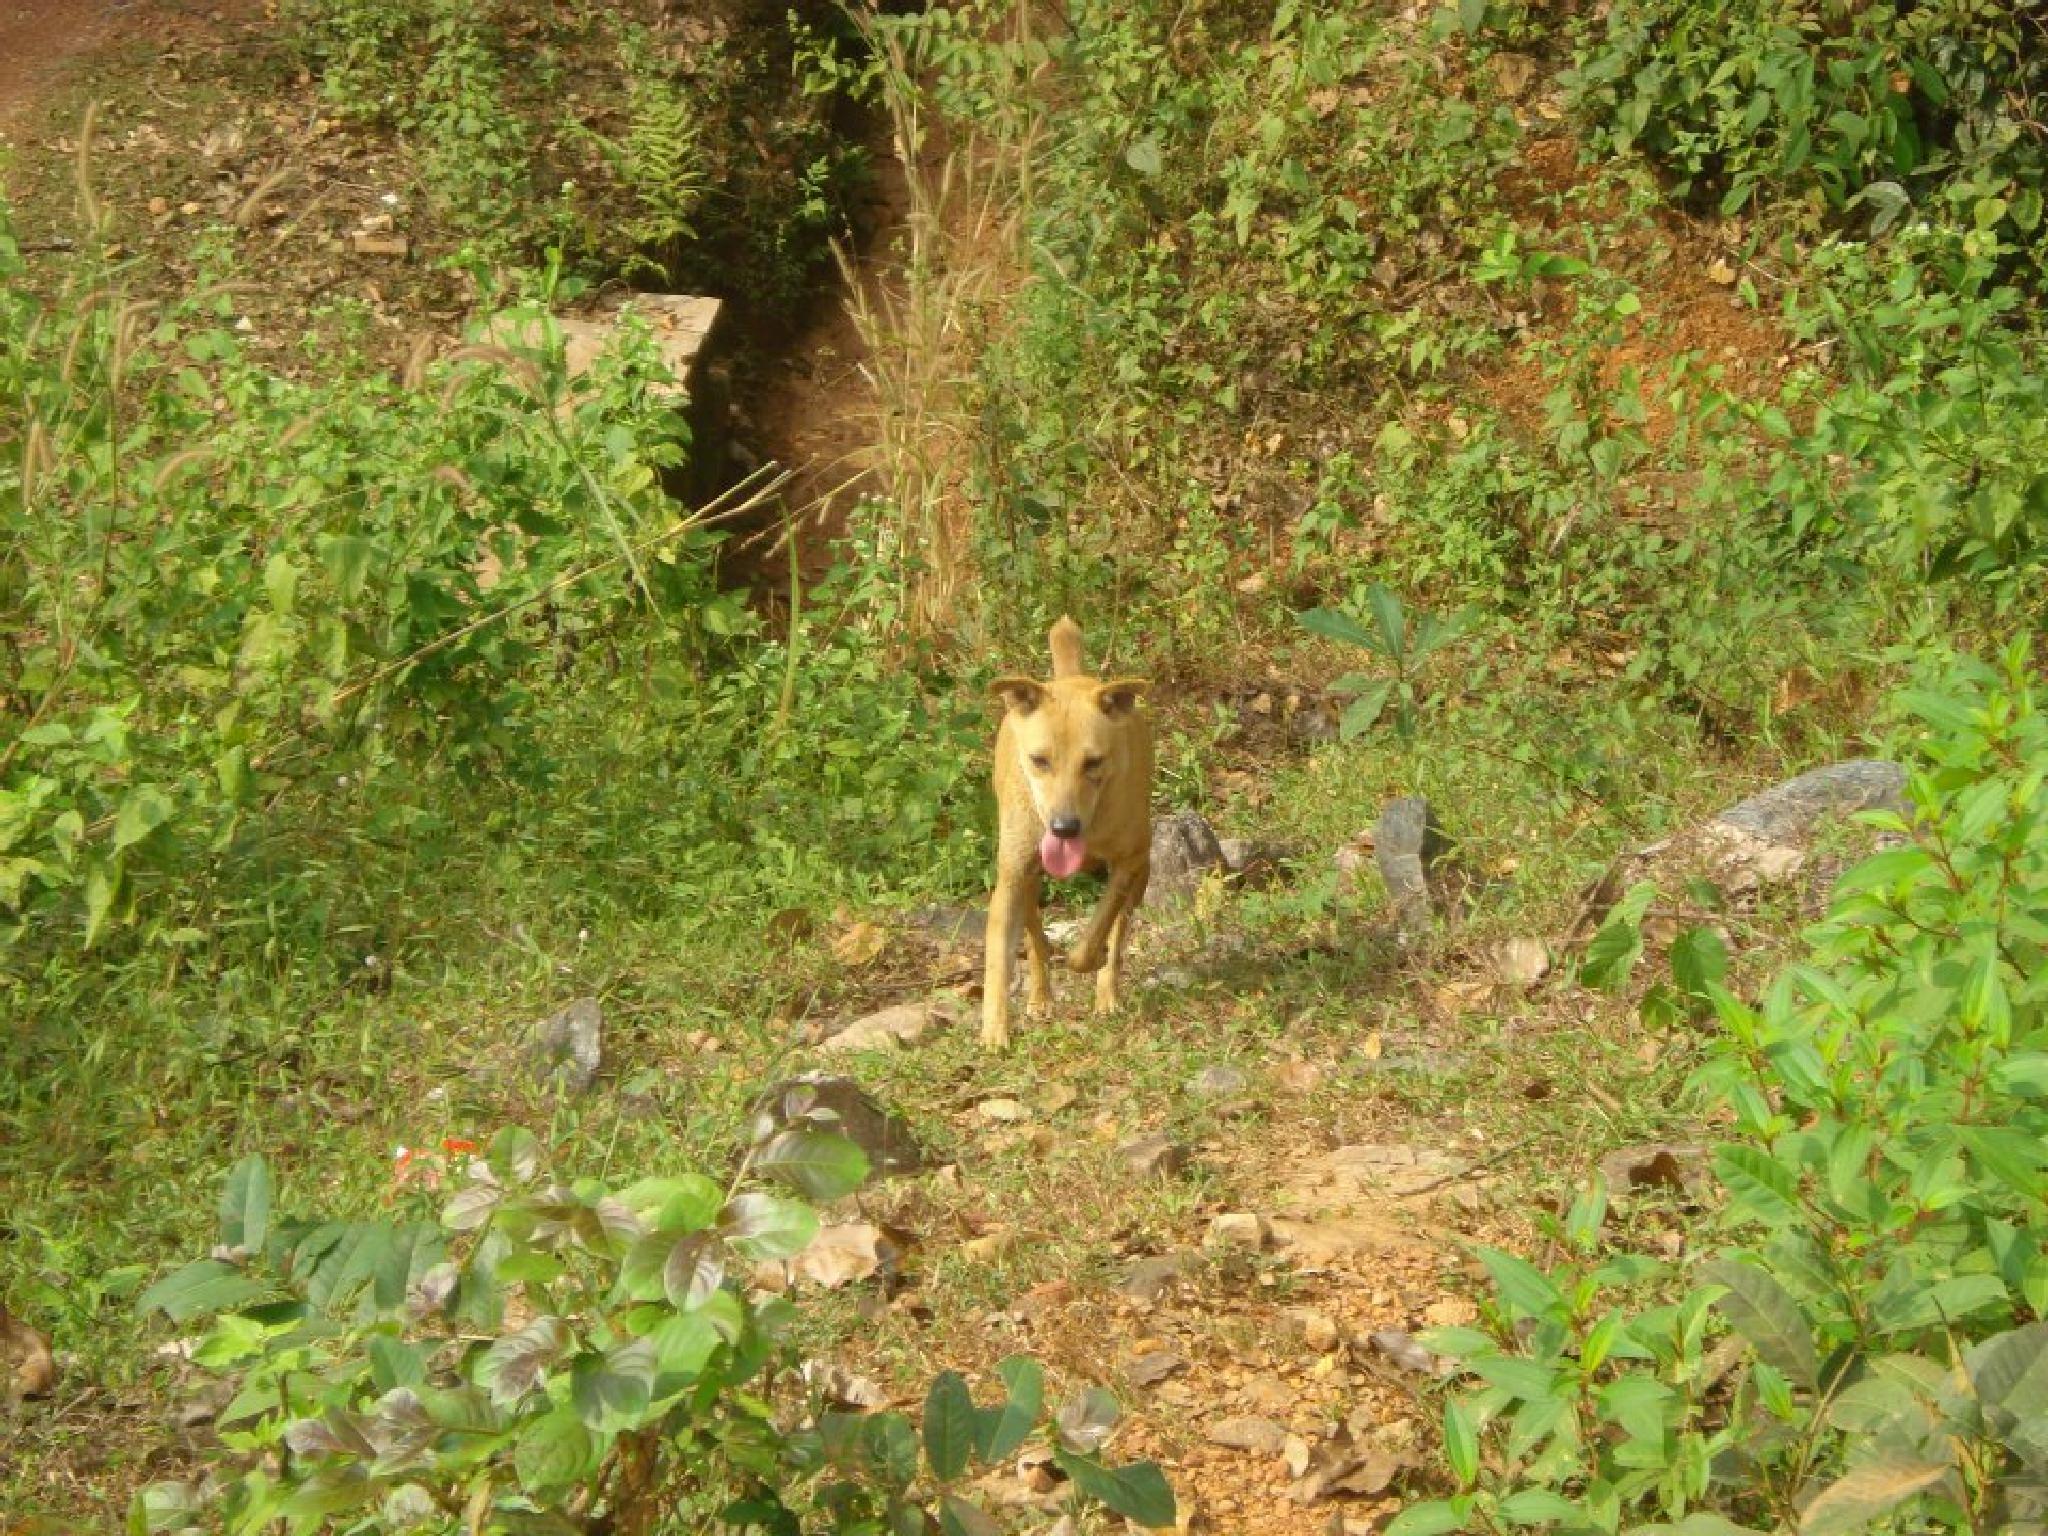 Dog by Ajay Kumar